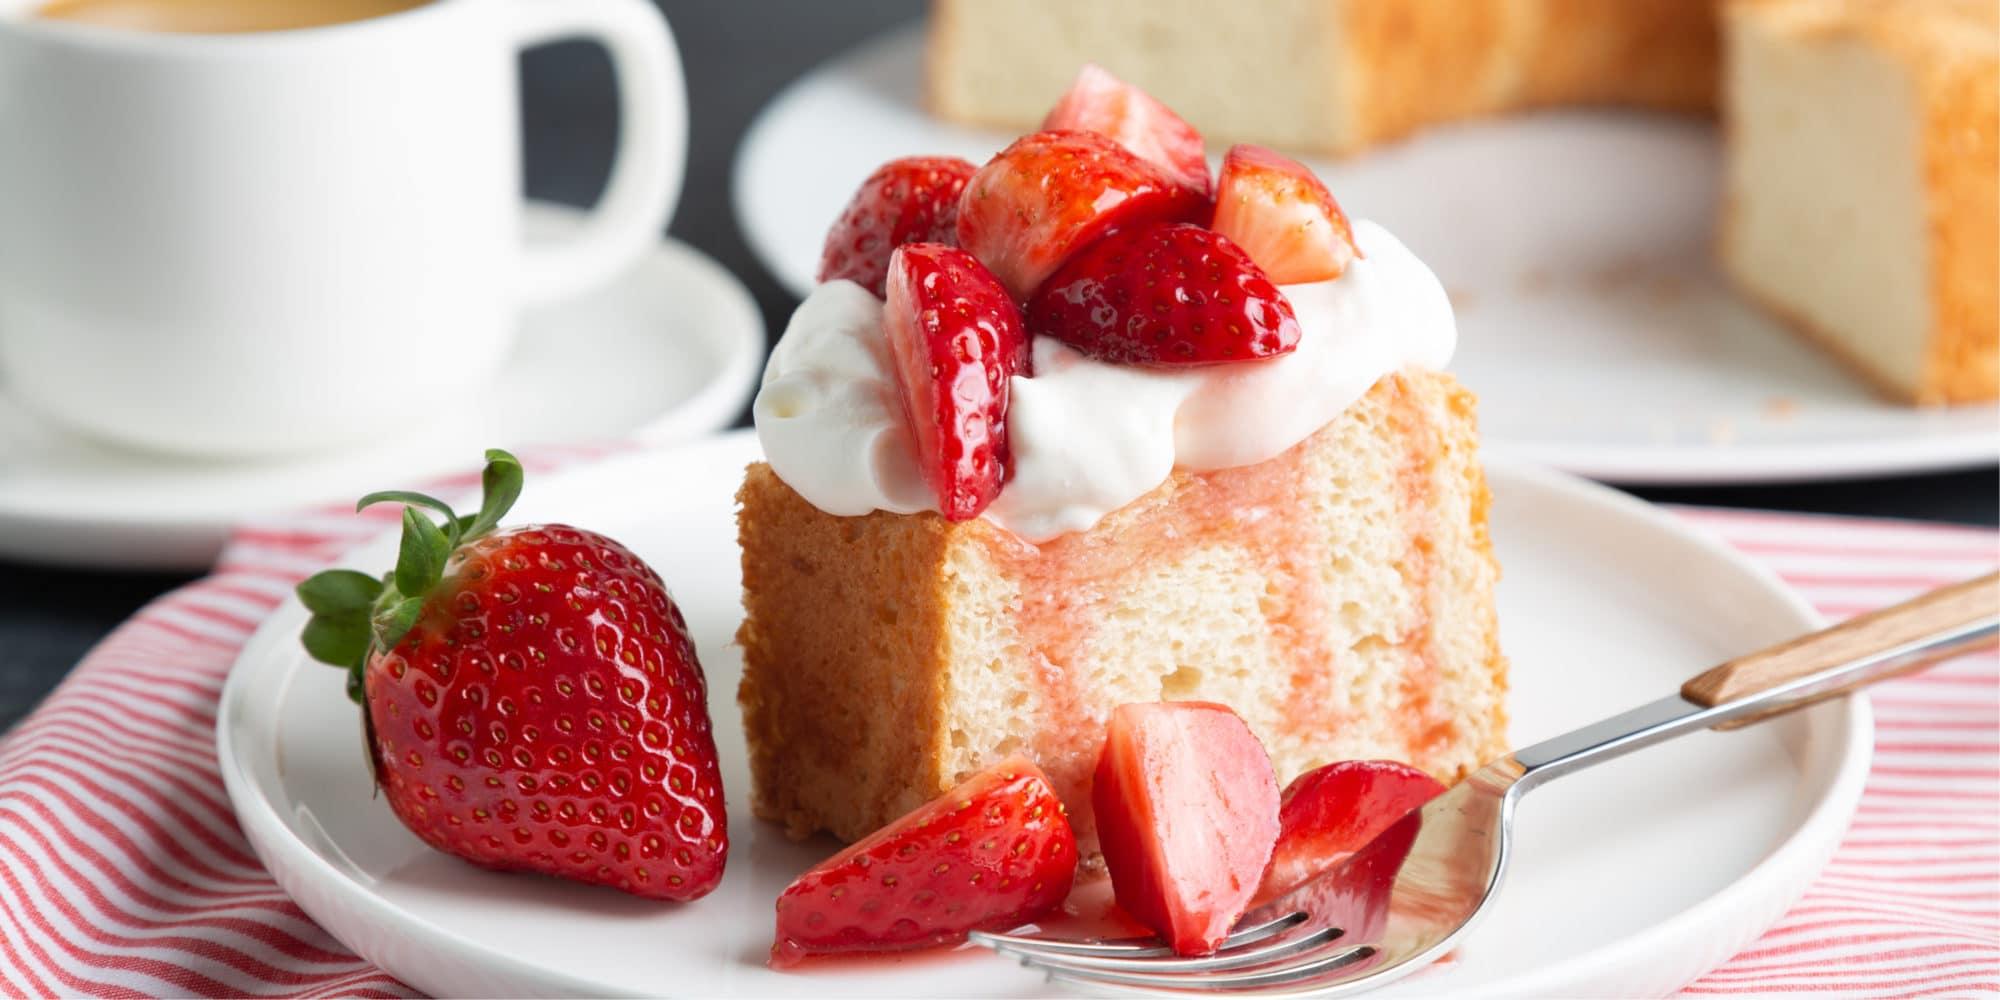 keto strawberry short cake